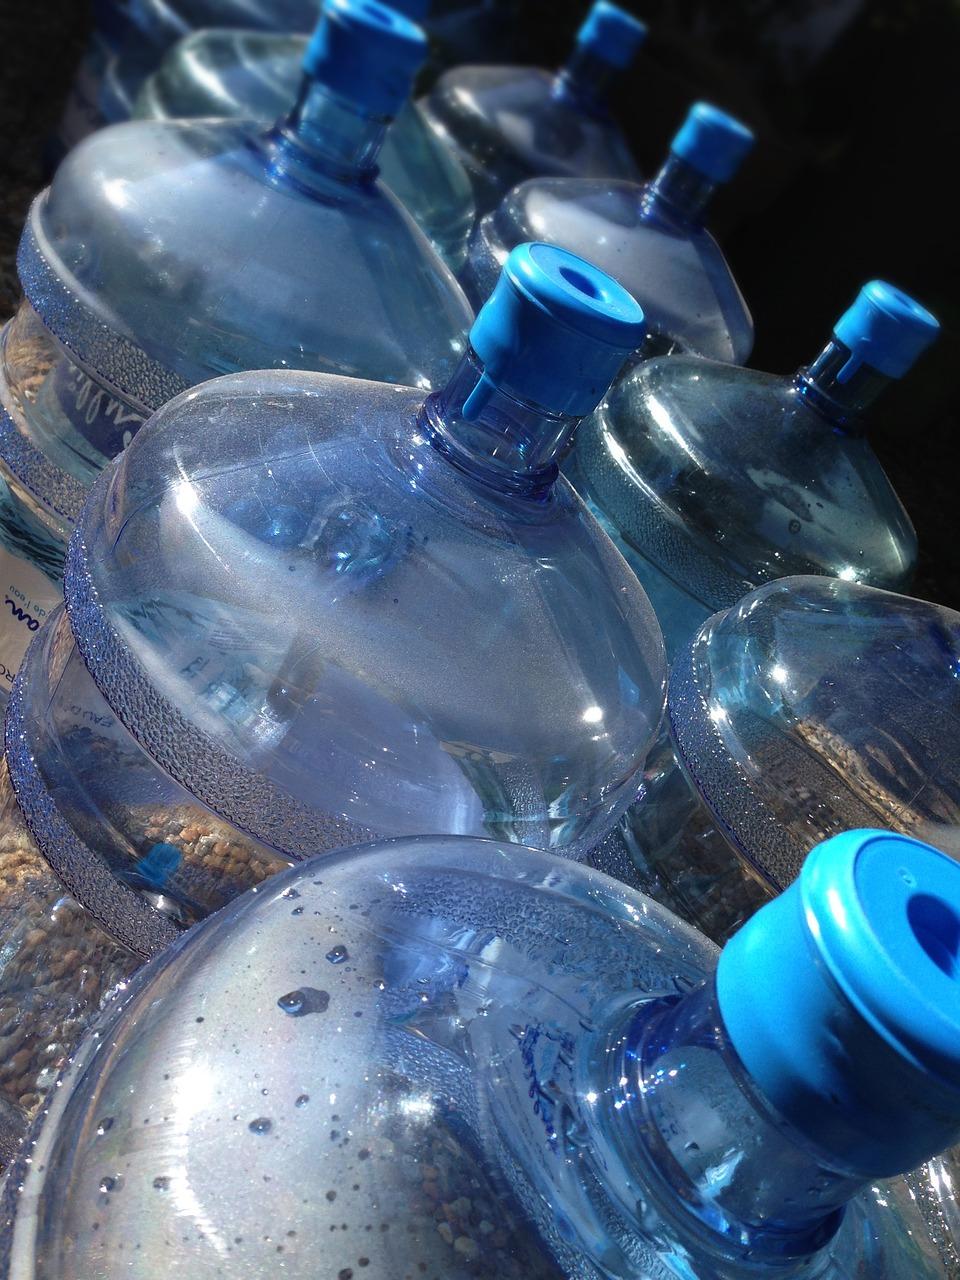 ペットボトルを湯たんぽにするのは危険?適切な温度は?